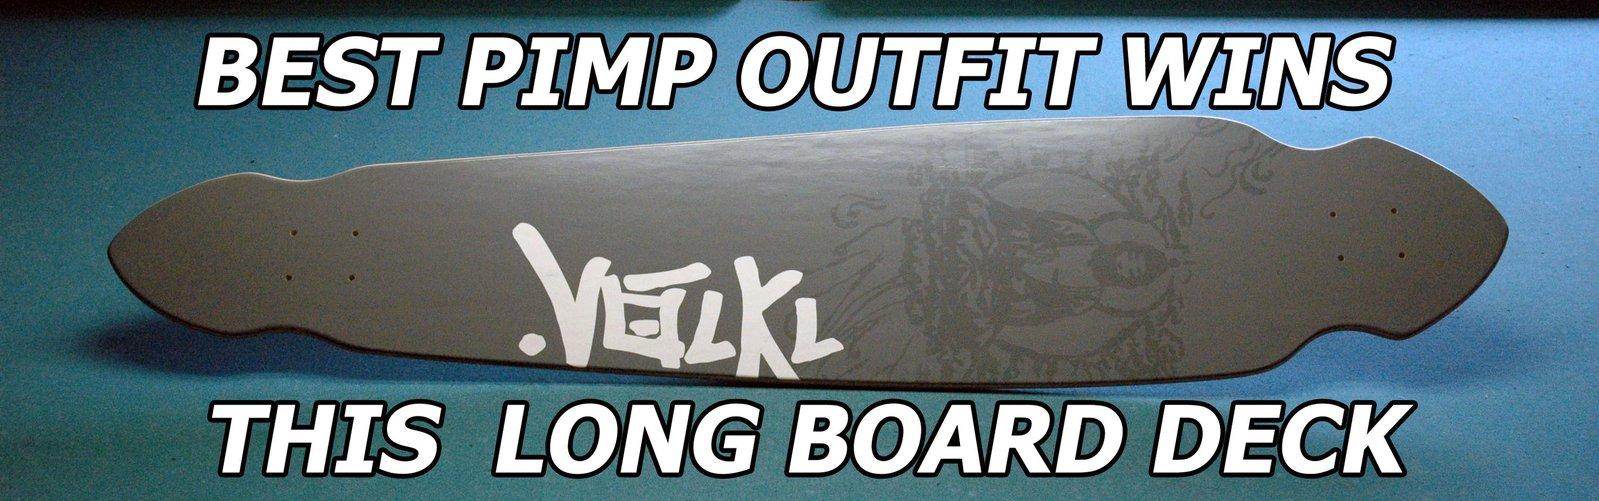 Pimp the park long board